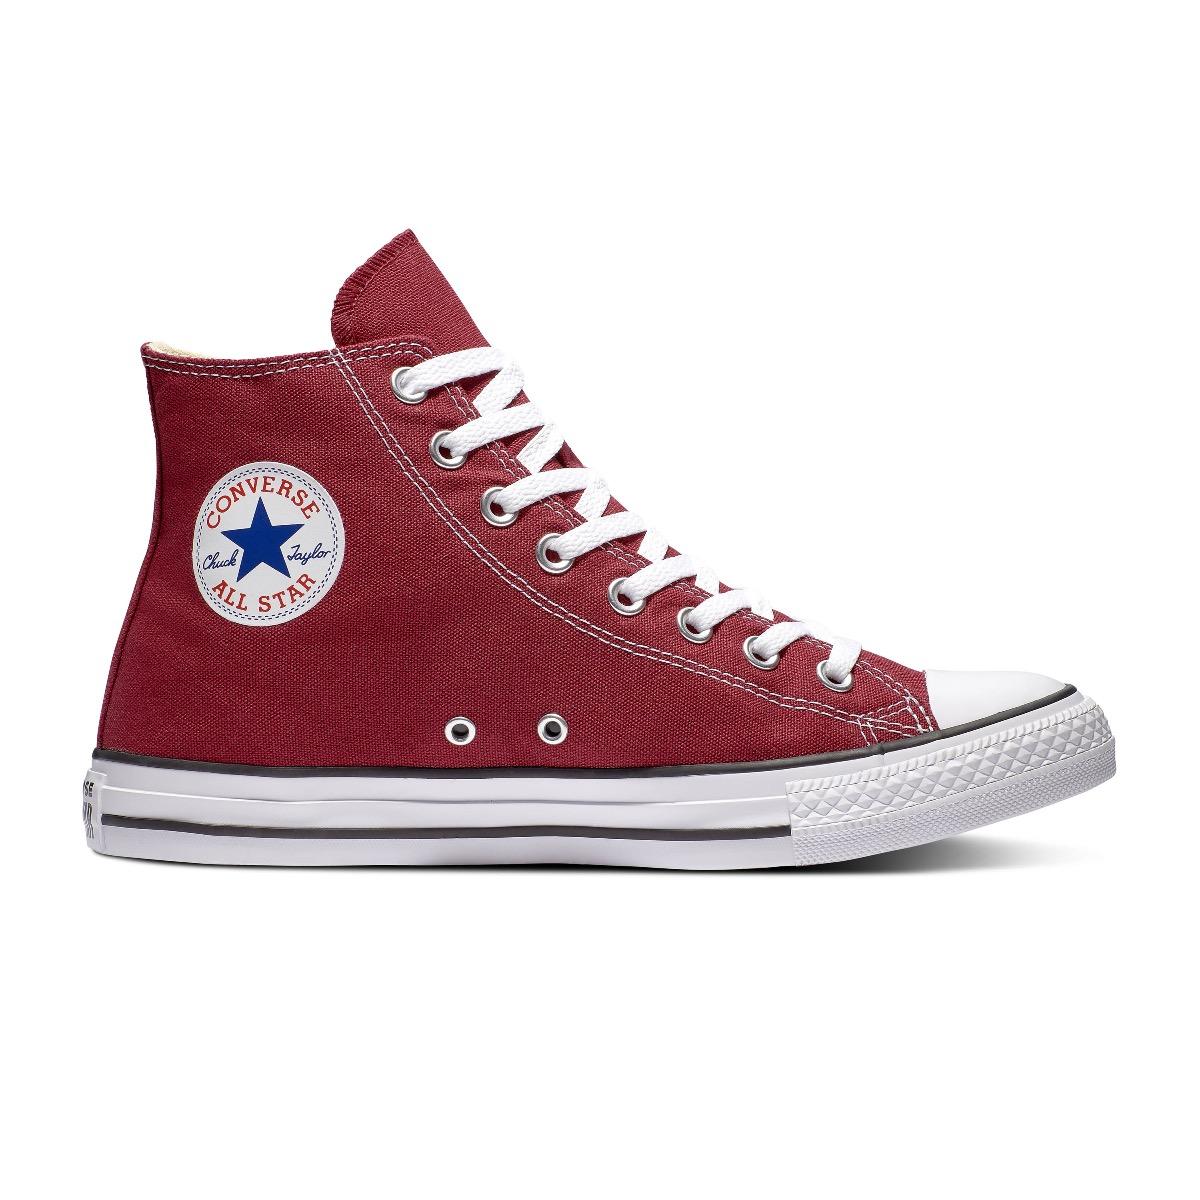 Converse All Stars Hoog Bordeaux Rood maat 36